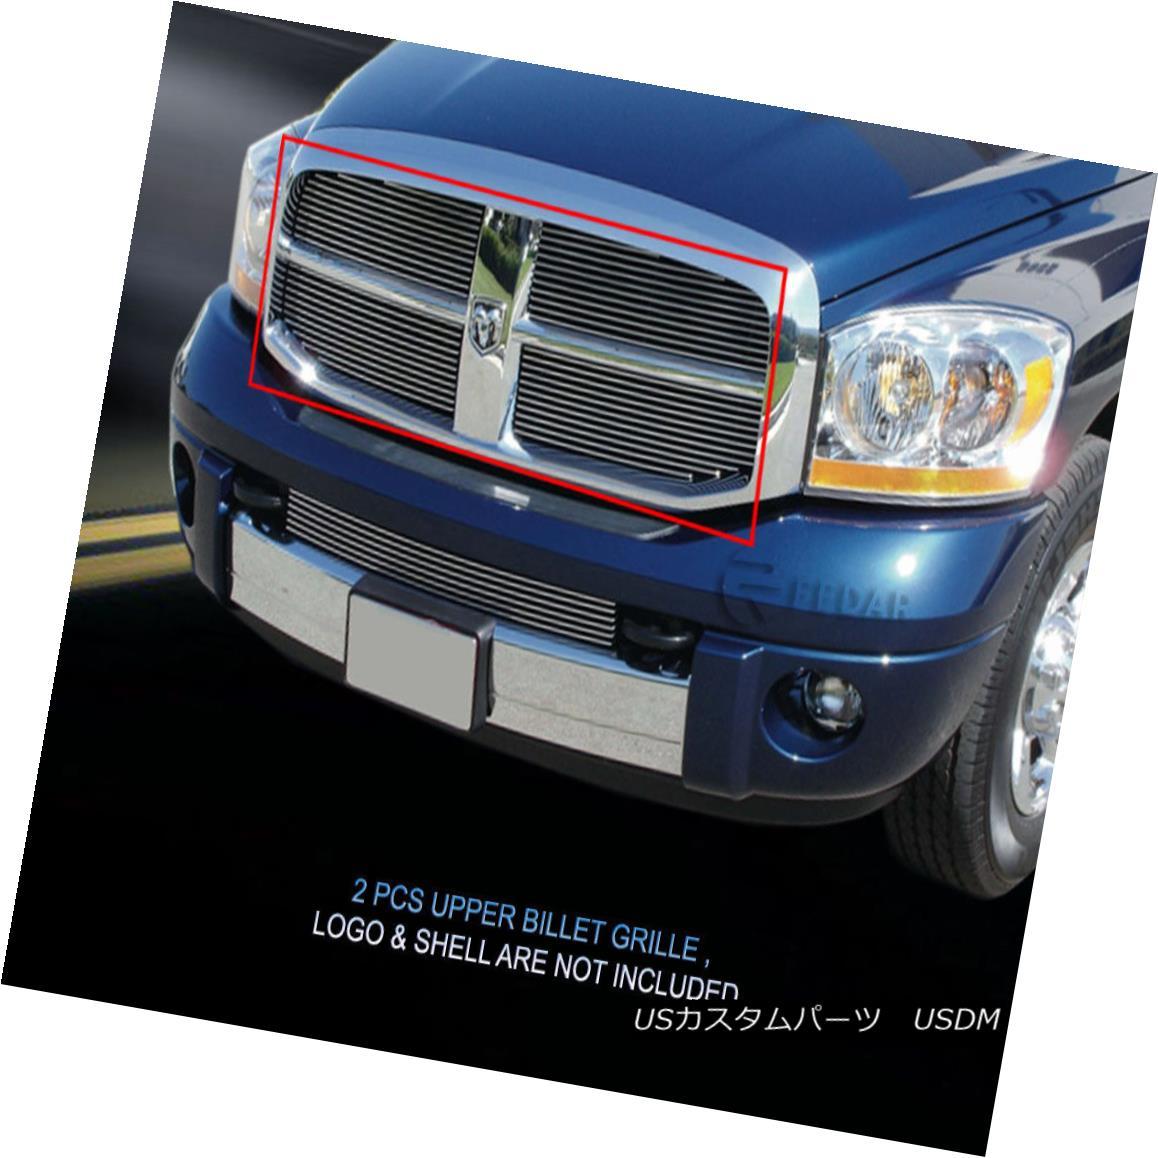 グリル 06-09 Dodge Ram Pick Up Billet Grille Upper Grill Insert Fedar 06-09ダッジラムピックアップビレットグリルアッパーグリルインサートFedar